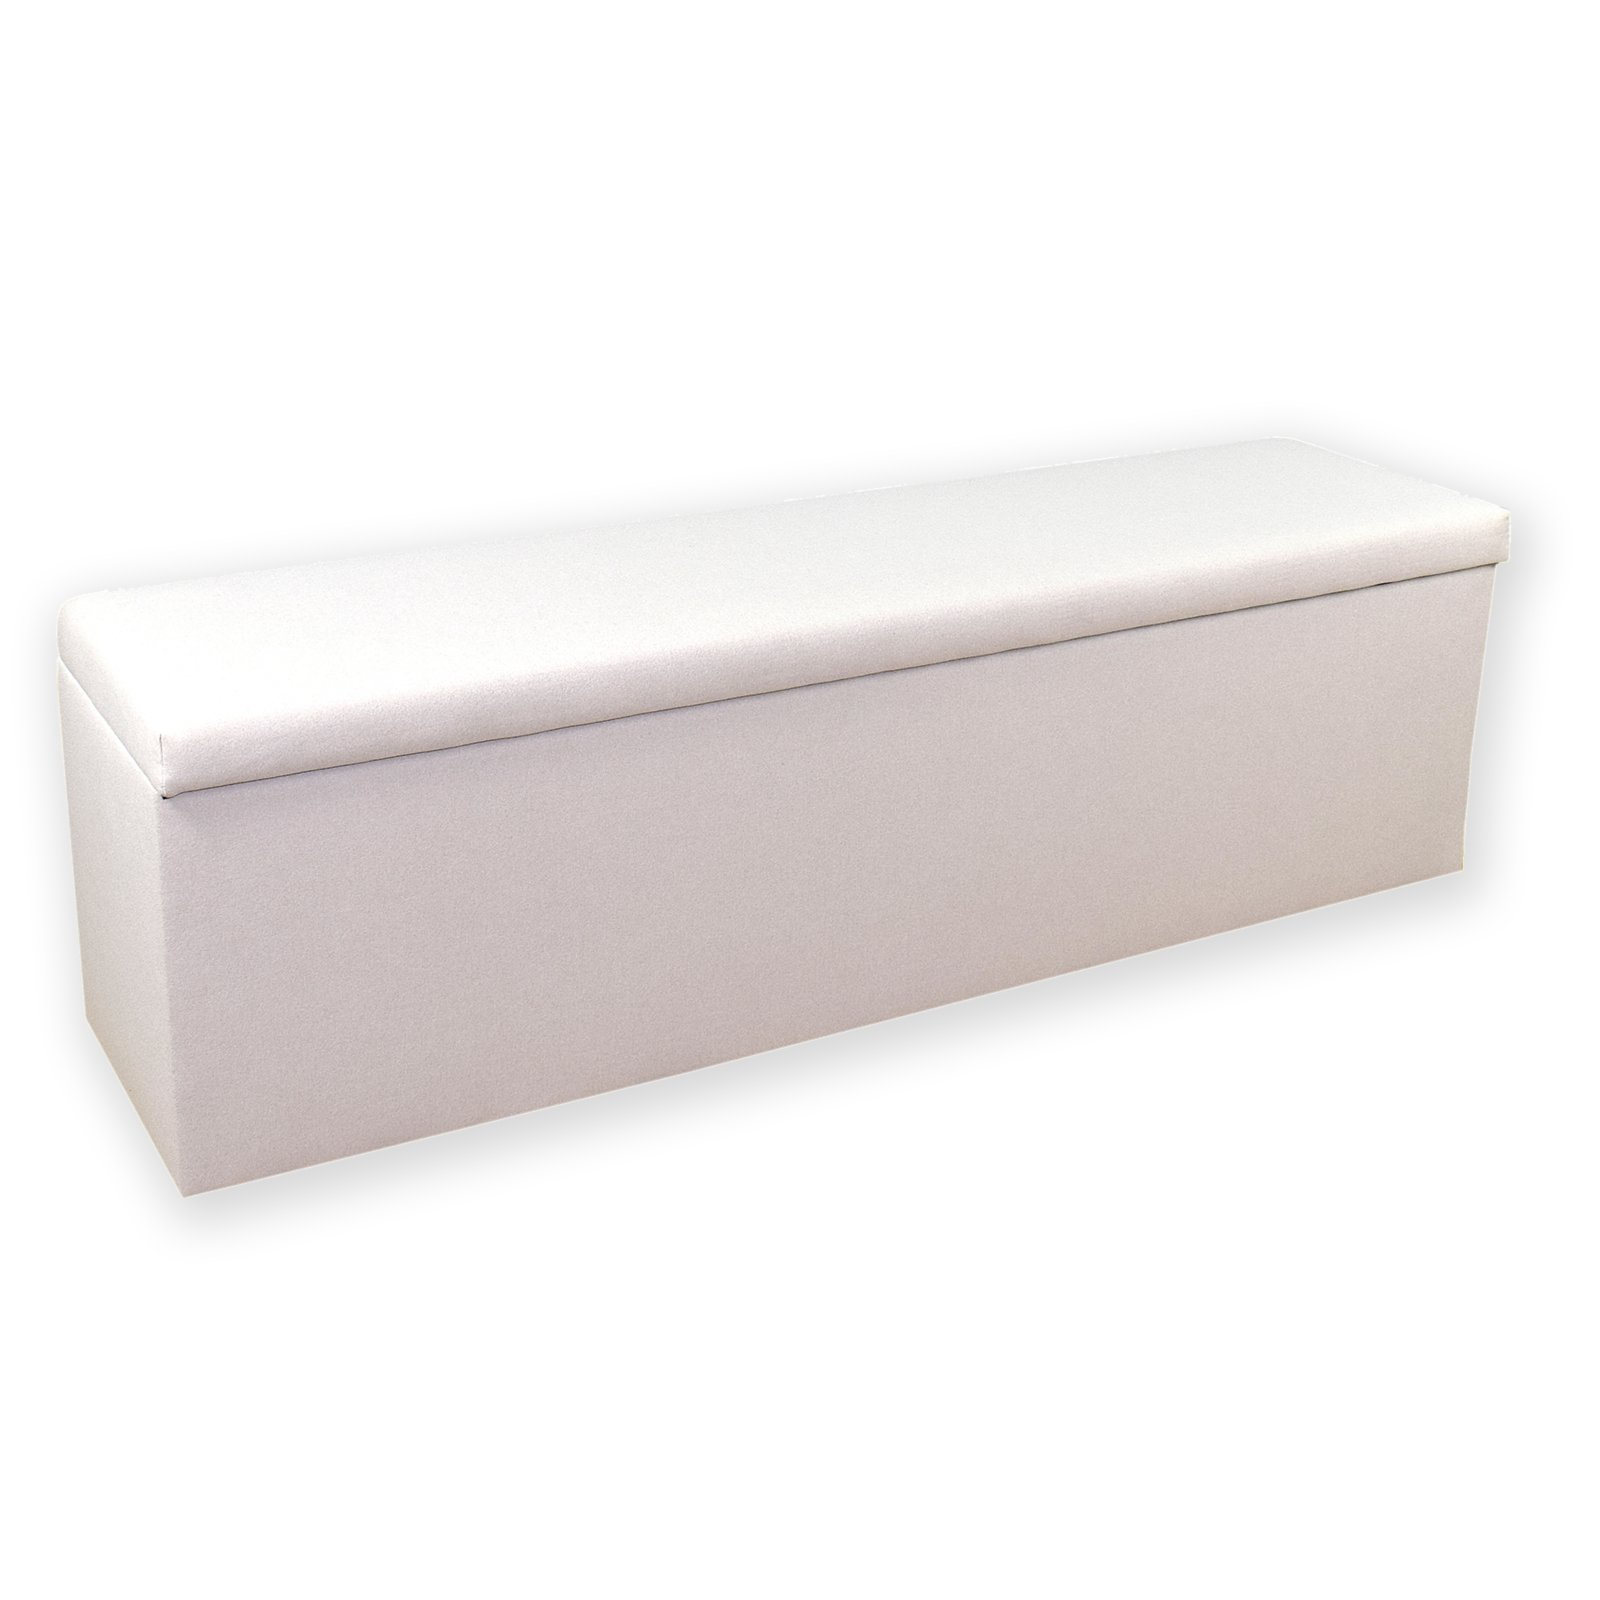 Bettbank OSLO - beige - 186 cm breit | Bettbänke | Bänke | Möbel ...